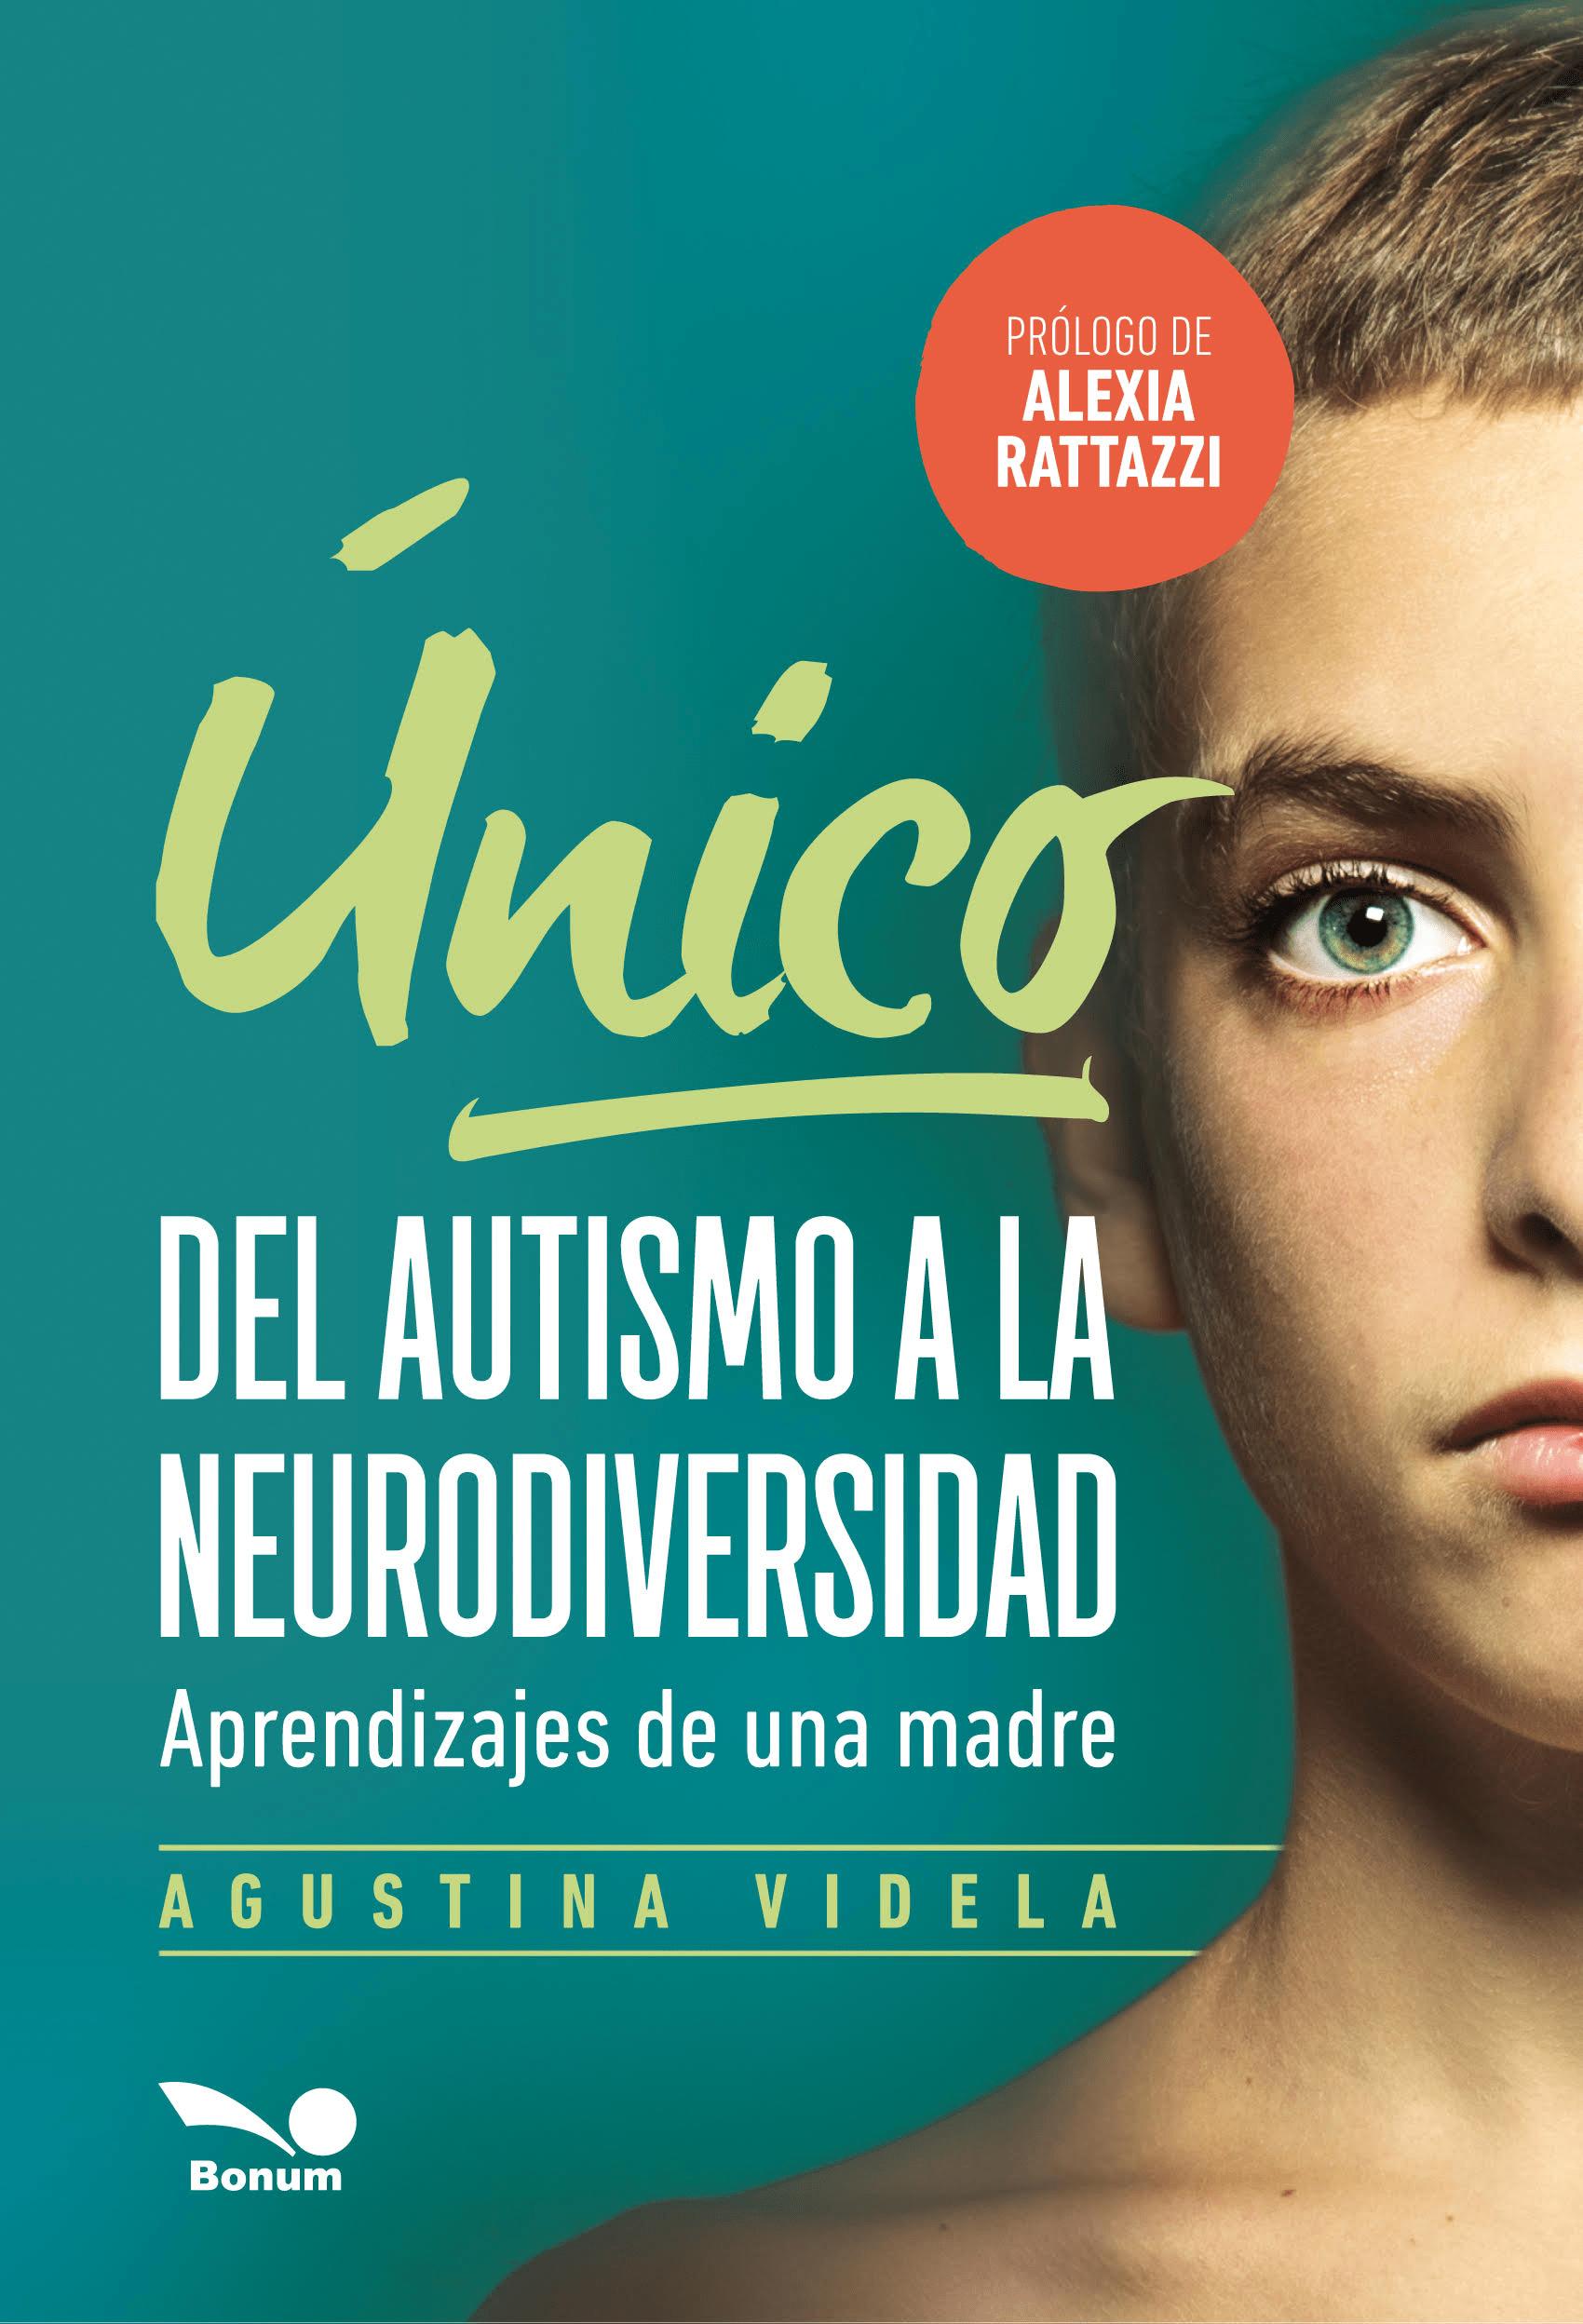 cubierta del libro Del autismo a la neurodiversidad